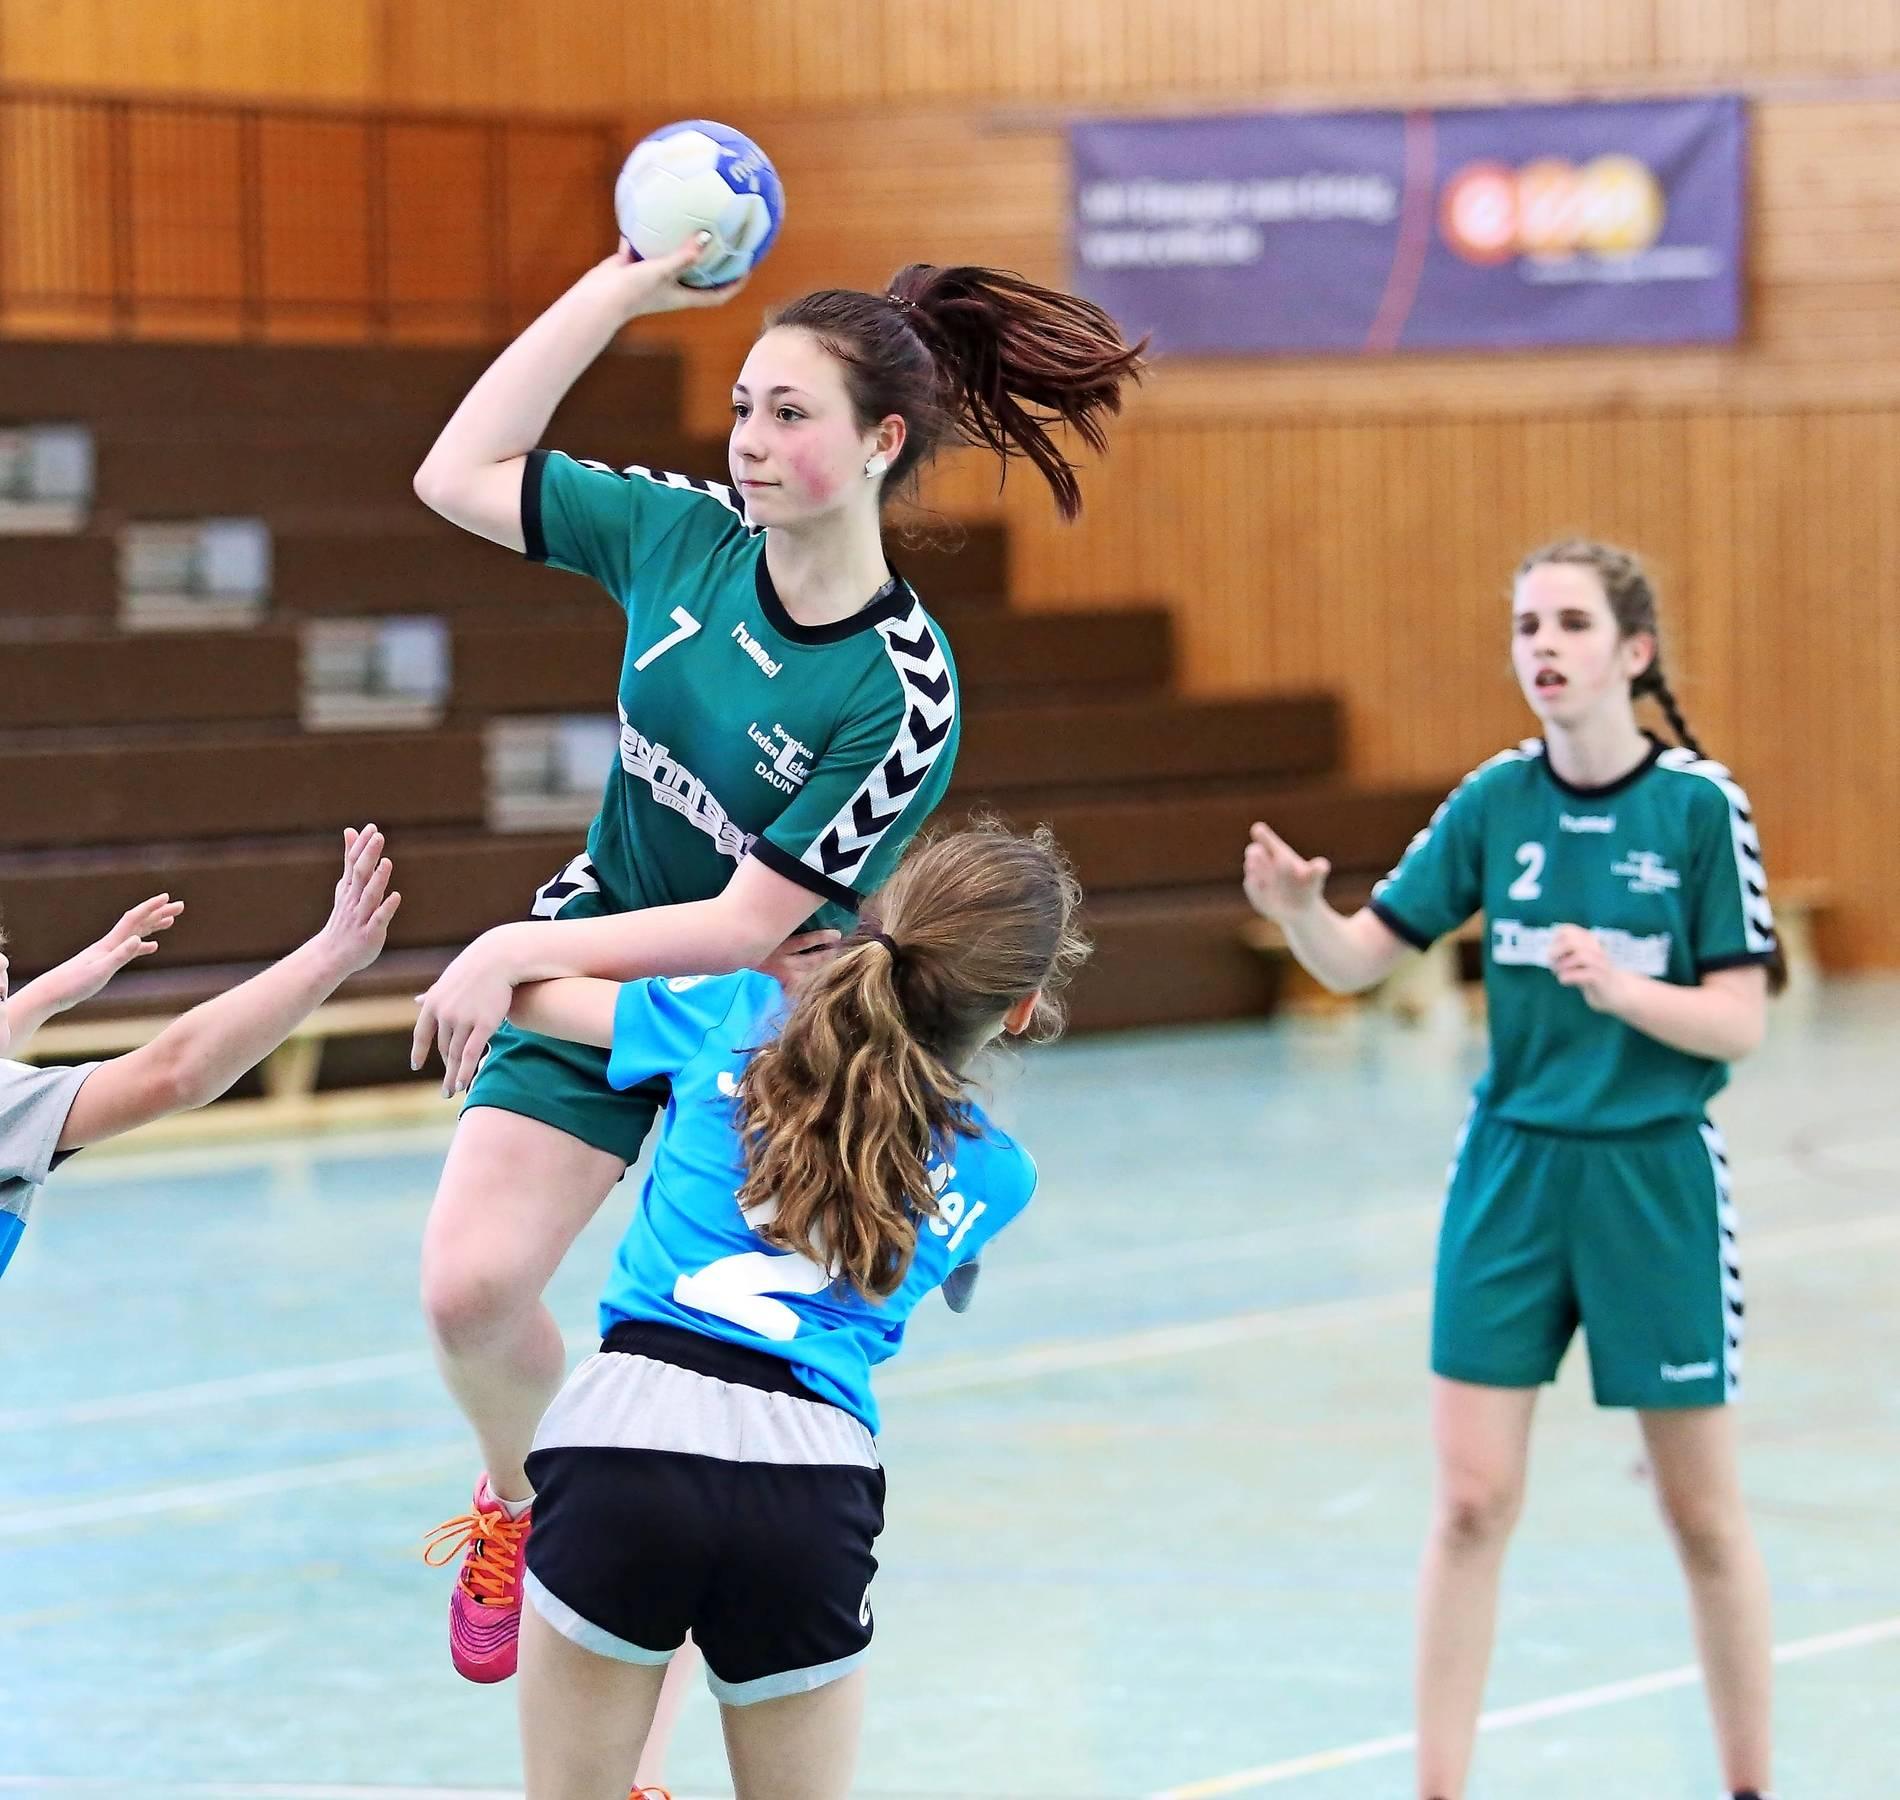 Handball Für Mädchen